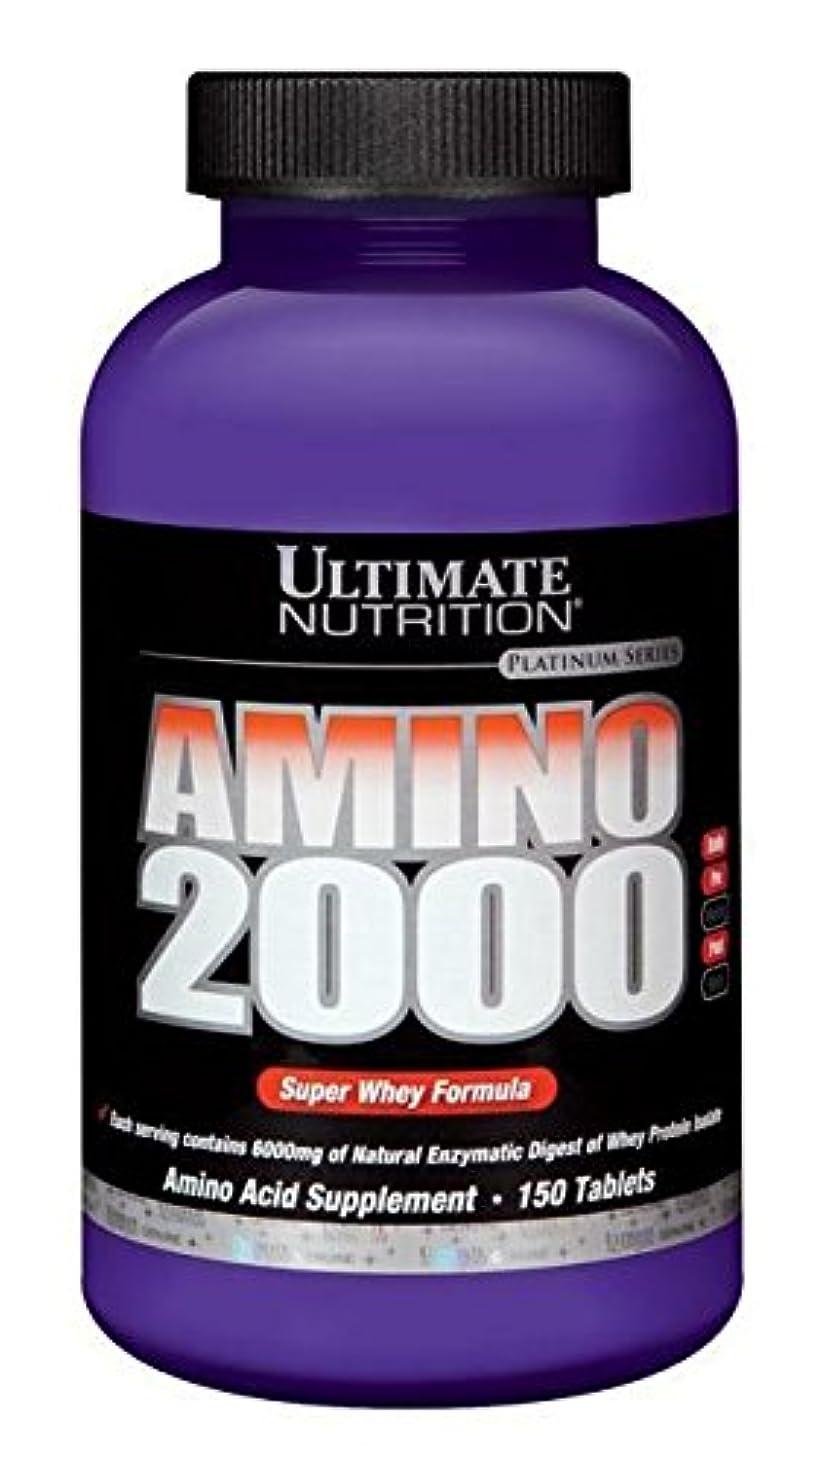 目的繁栄する丁寧アミノ2000 ホエイプロテイン 150 タブレット 乳清由来 アルティメットニュートリション社製